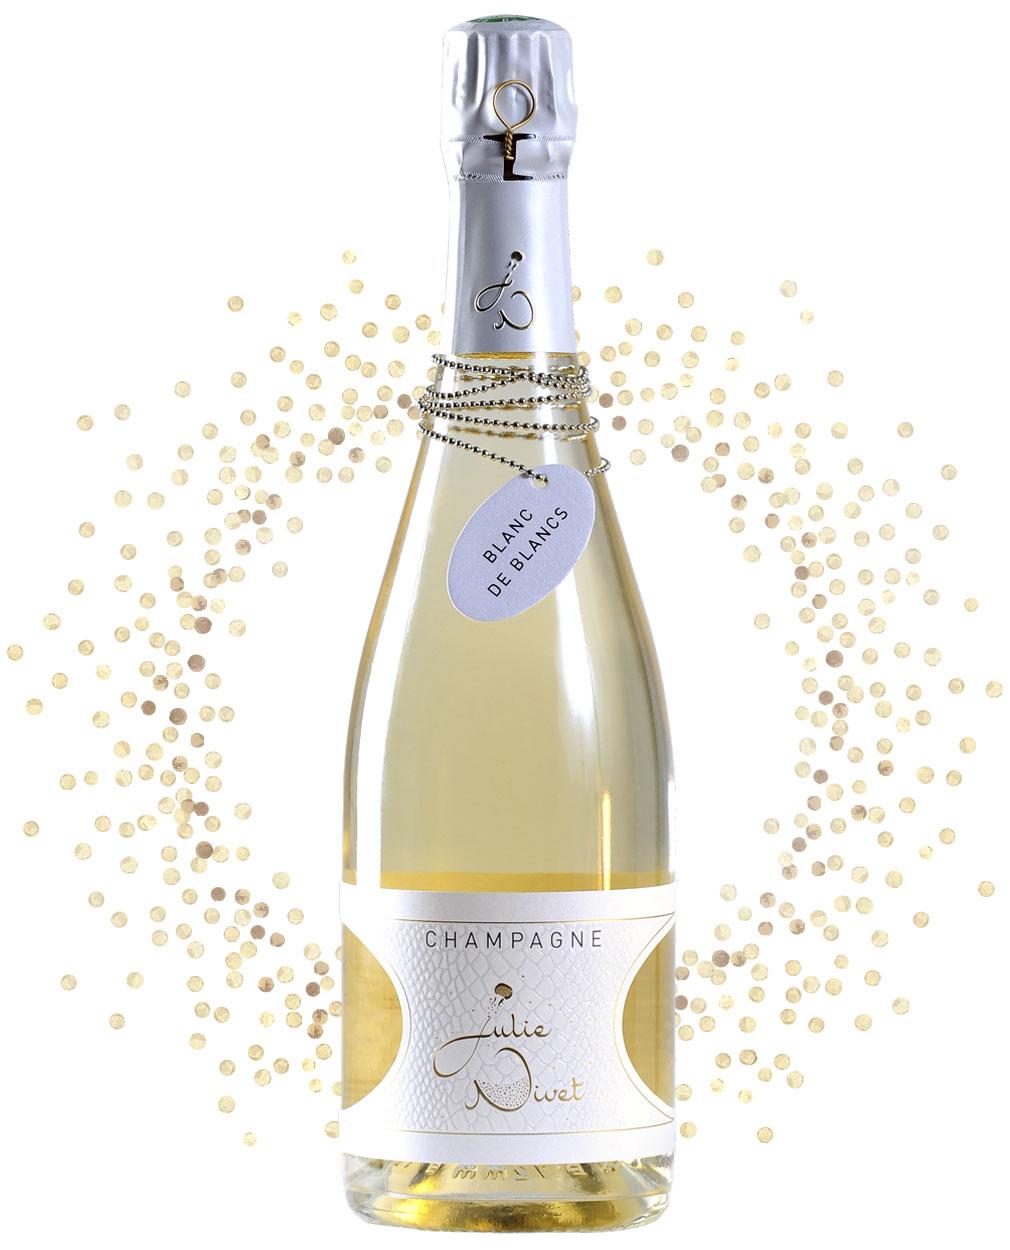 Bouteille Champagne Blanc de blancs